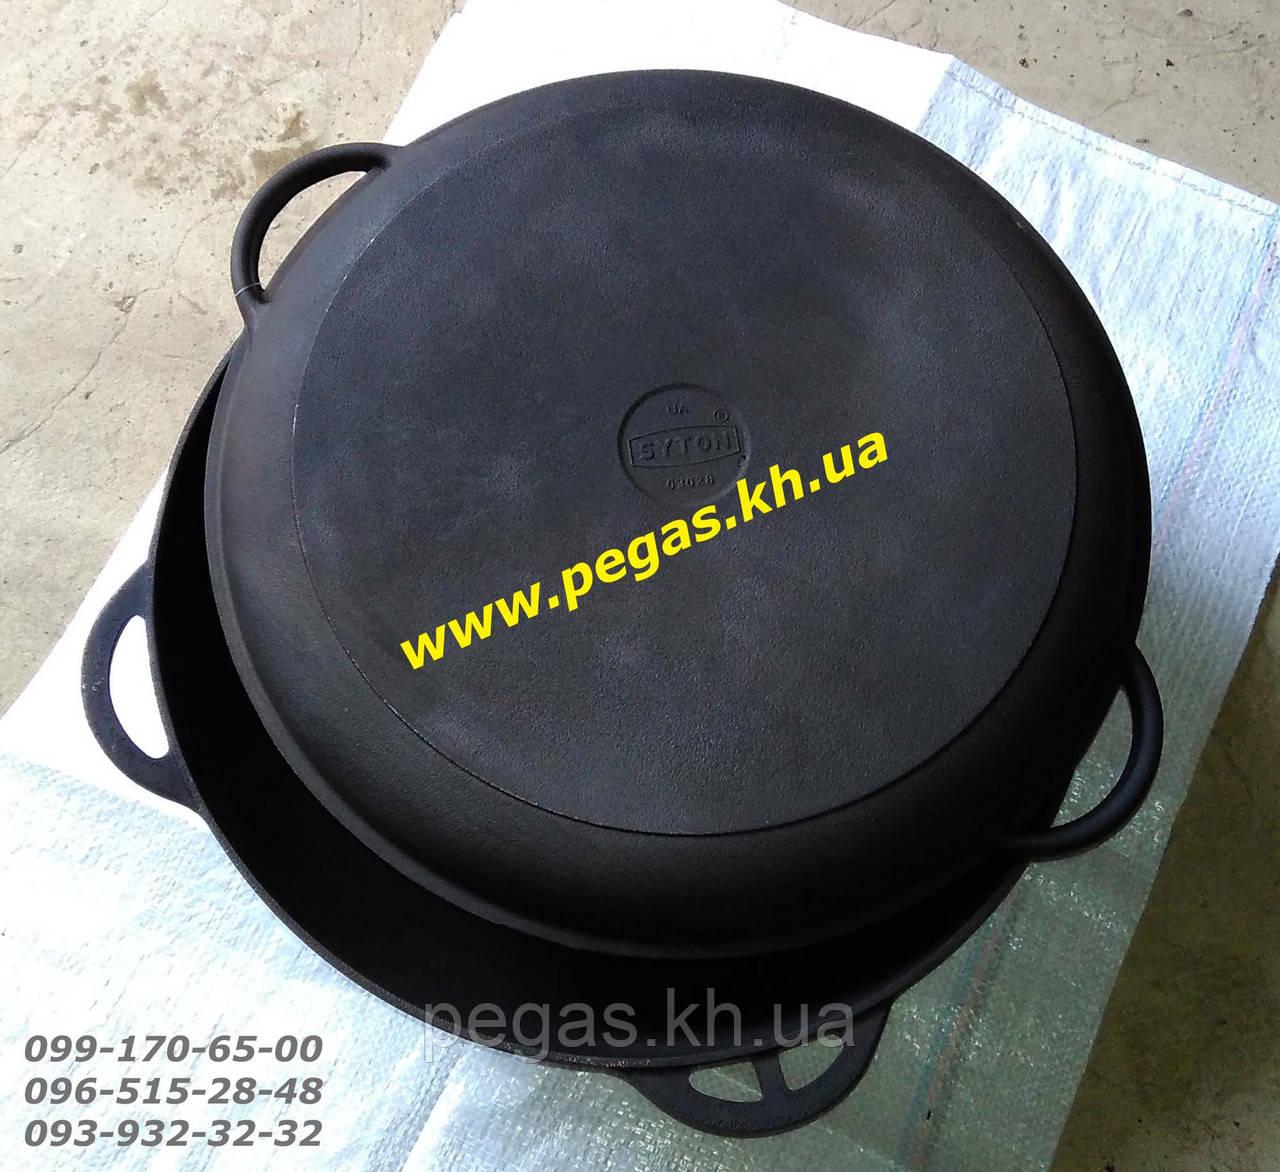 Казан чугунный азиатский на 12л с чугунной крышкой сковородой